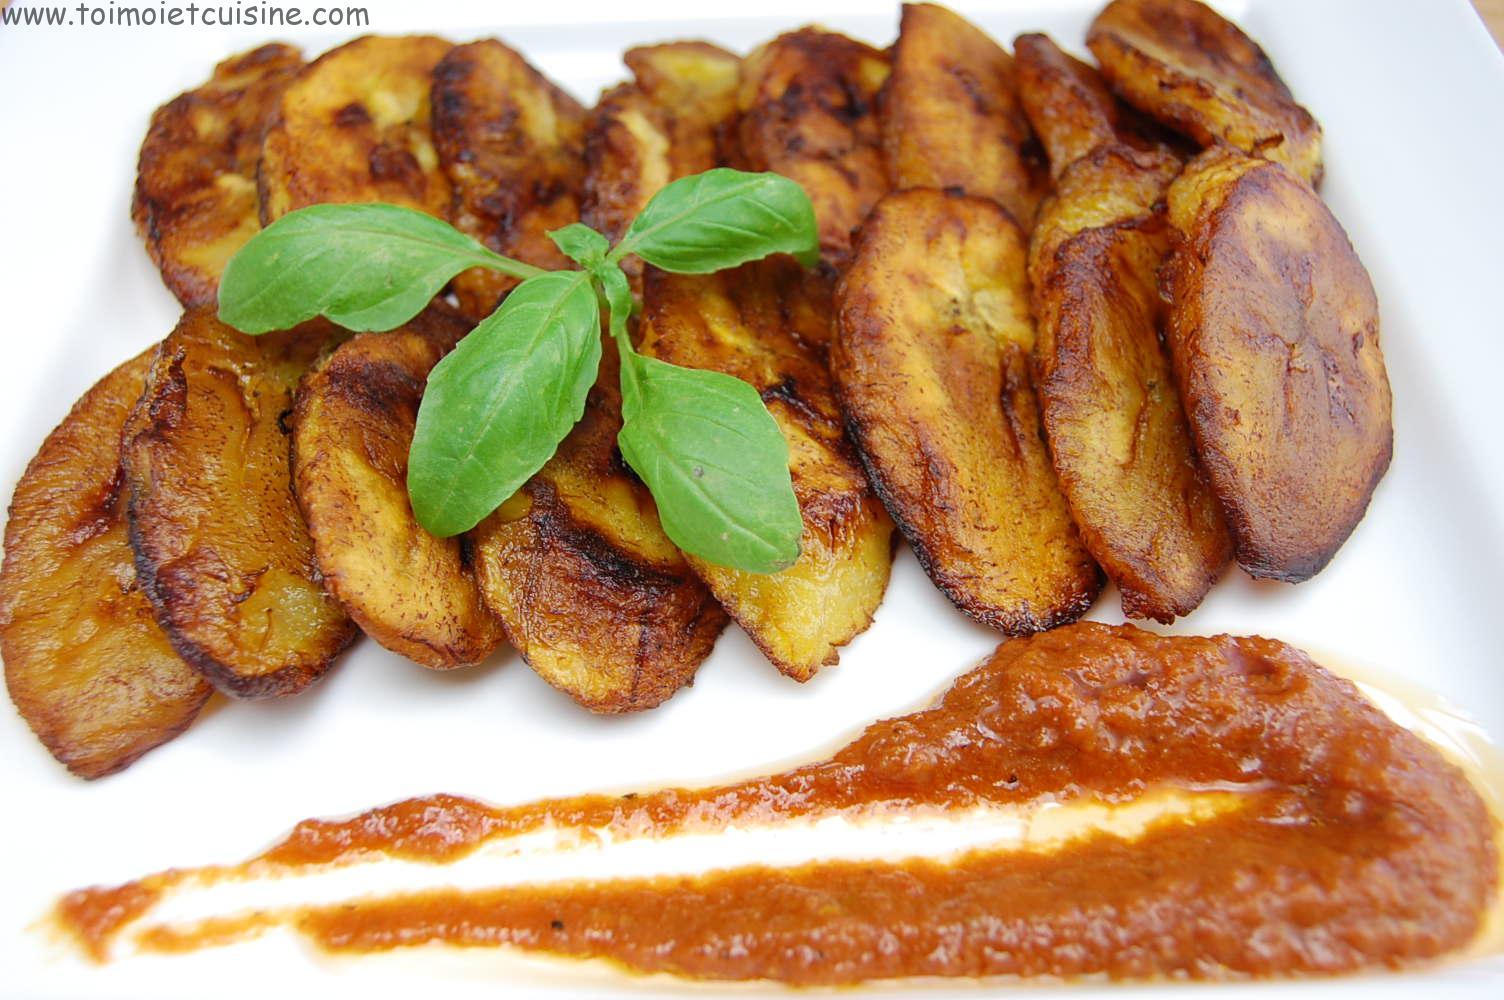 Cuisine africaine toi moi cuisine - Cuisine africaine camerounaise ...